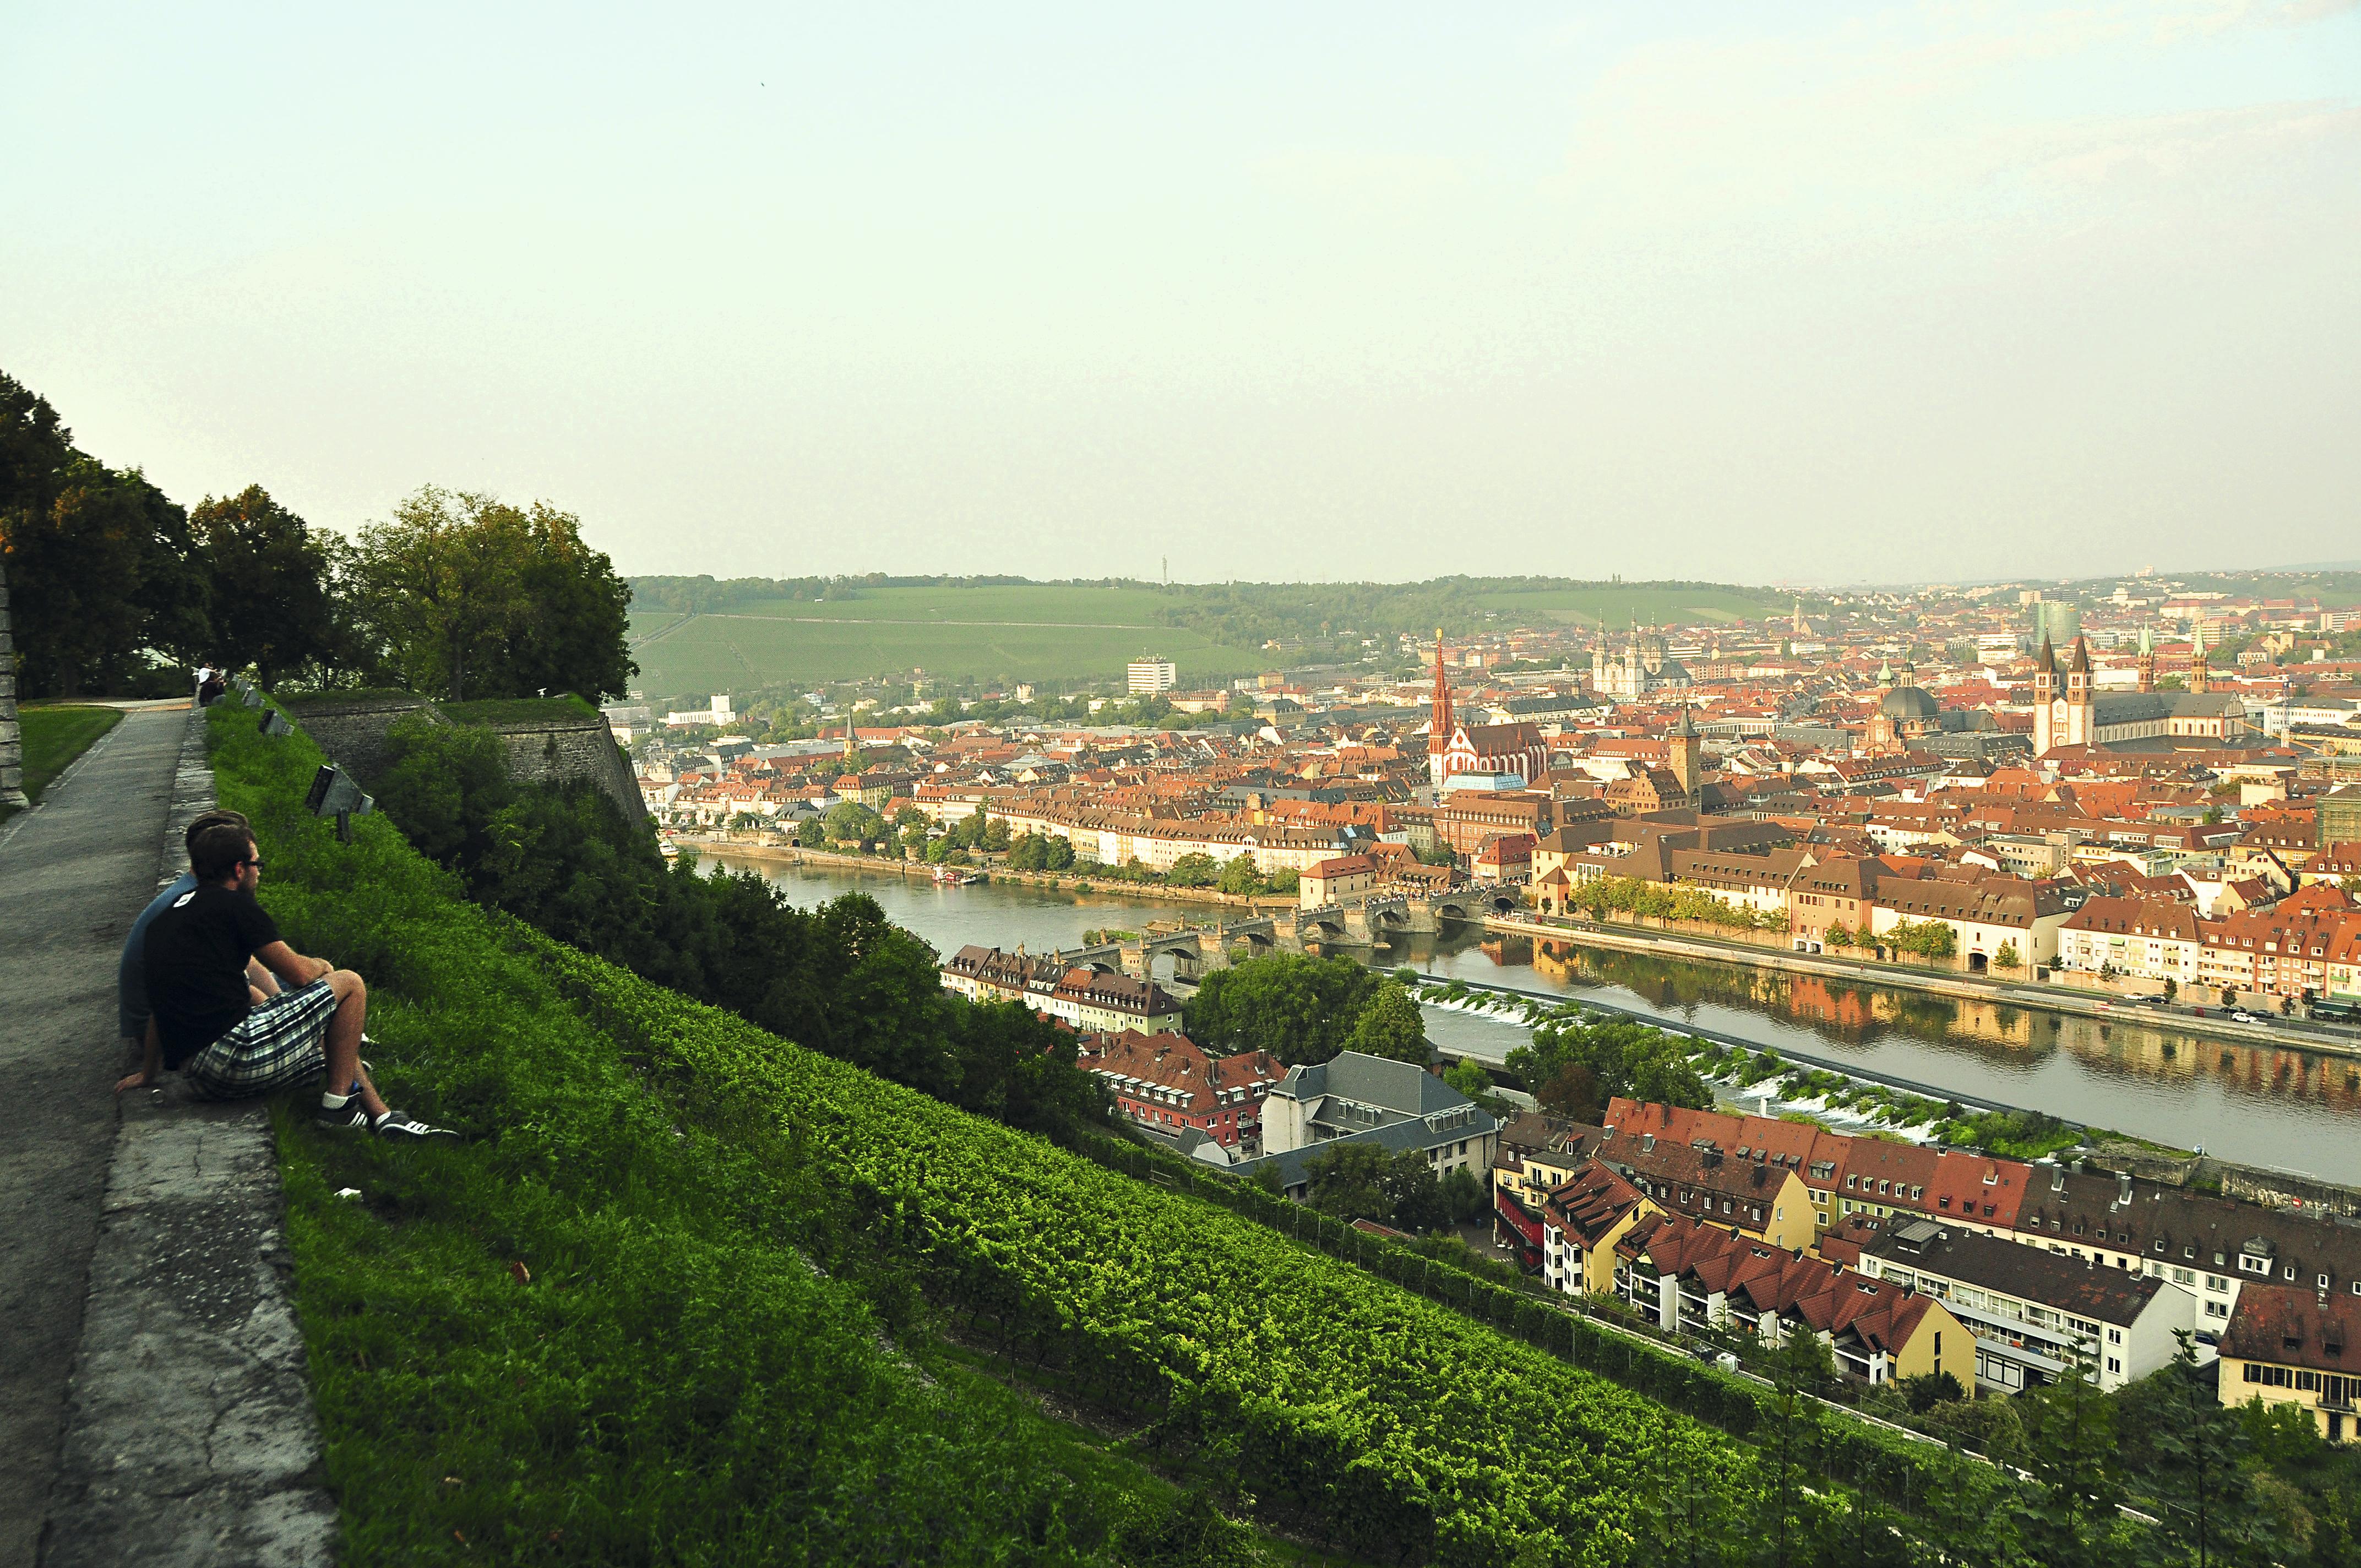 Vista de Würzburg a partir da fortaleza Festung Marienberg, Alemanha